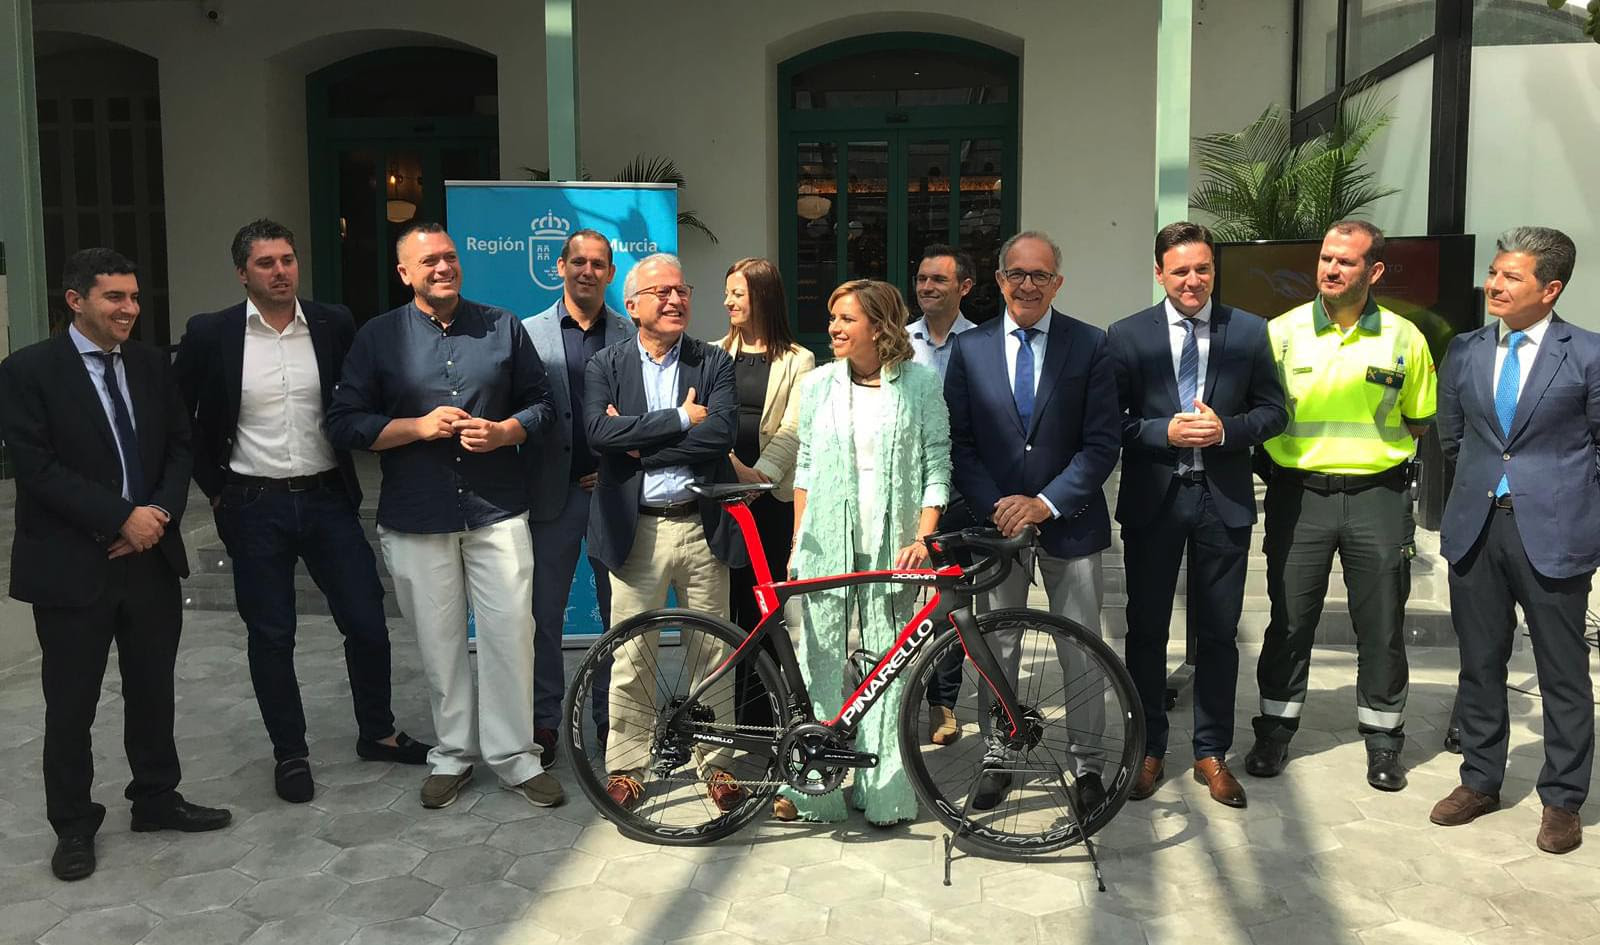 Murcia acogerá los Campeonato de España de ciclismo en dos semanas.